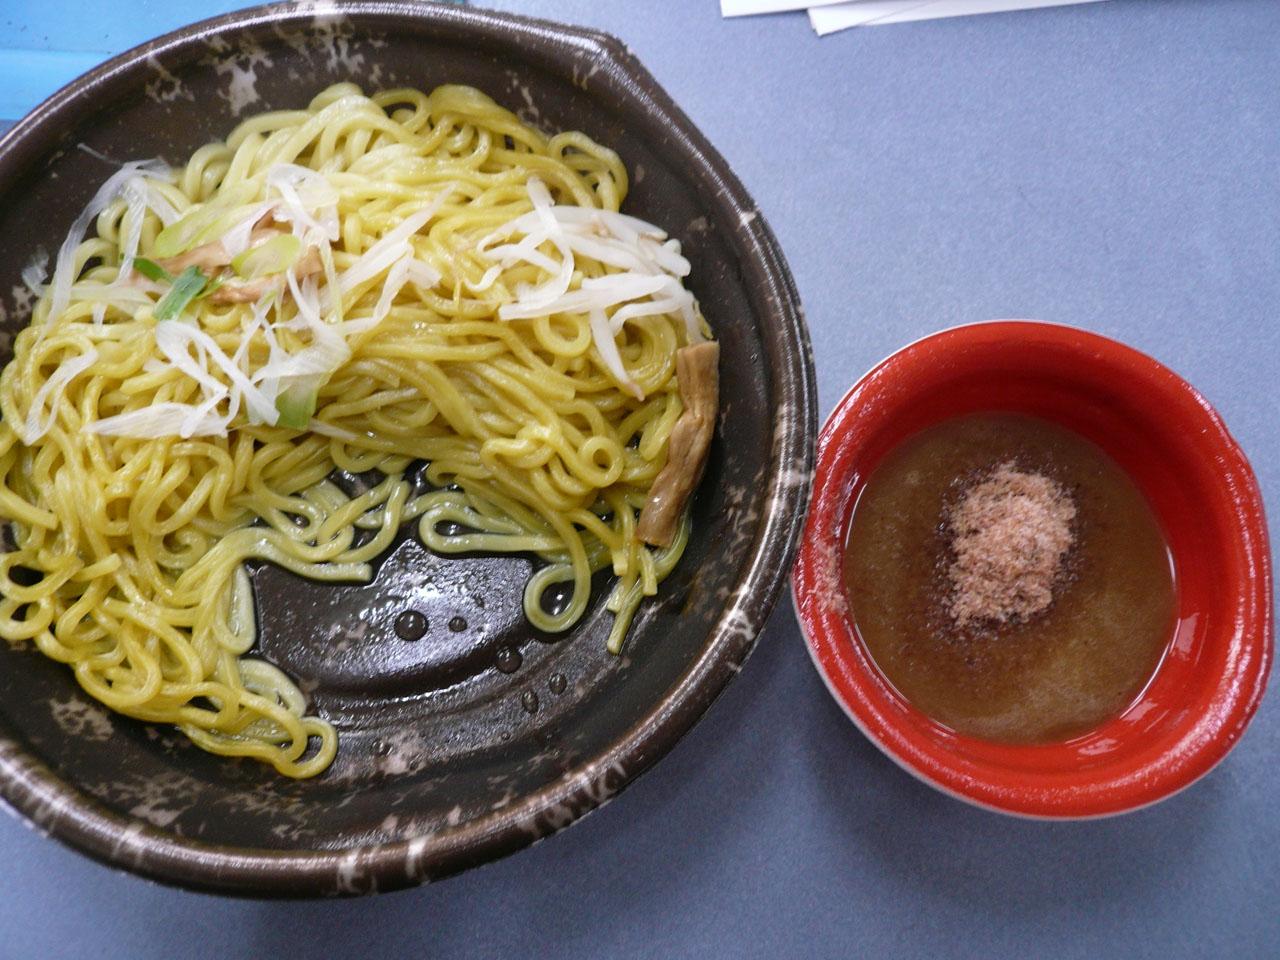 麺の画像 p1_36